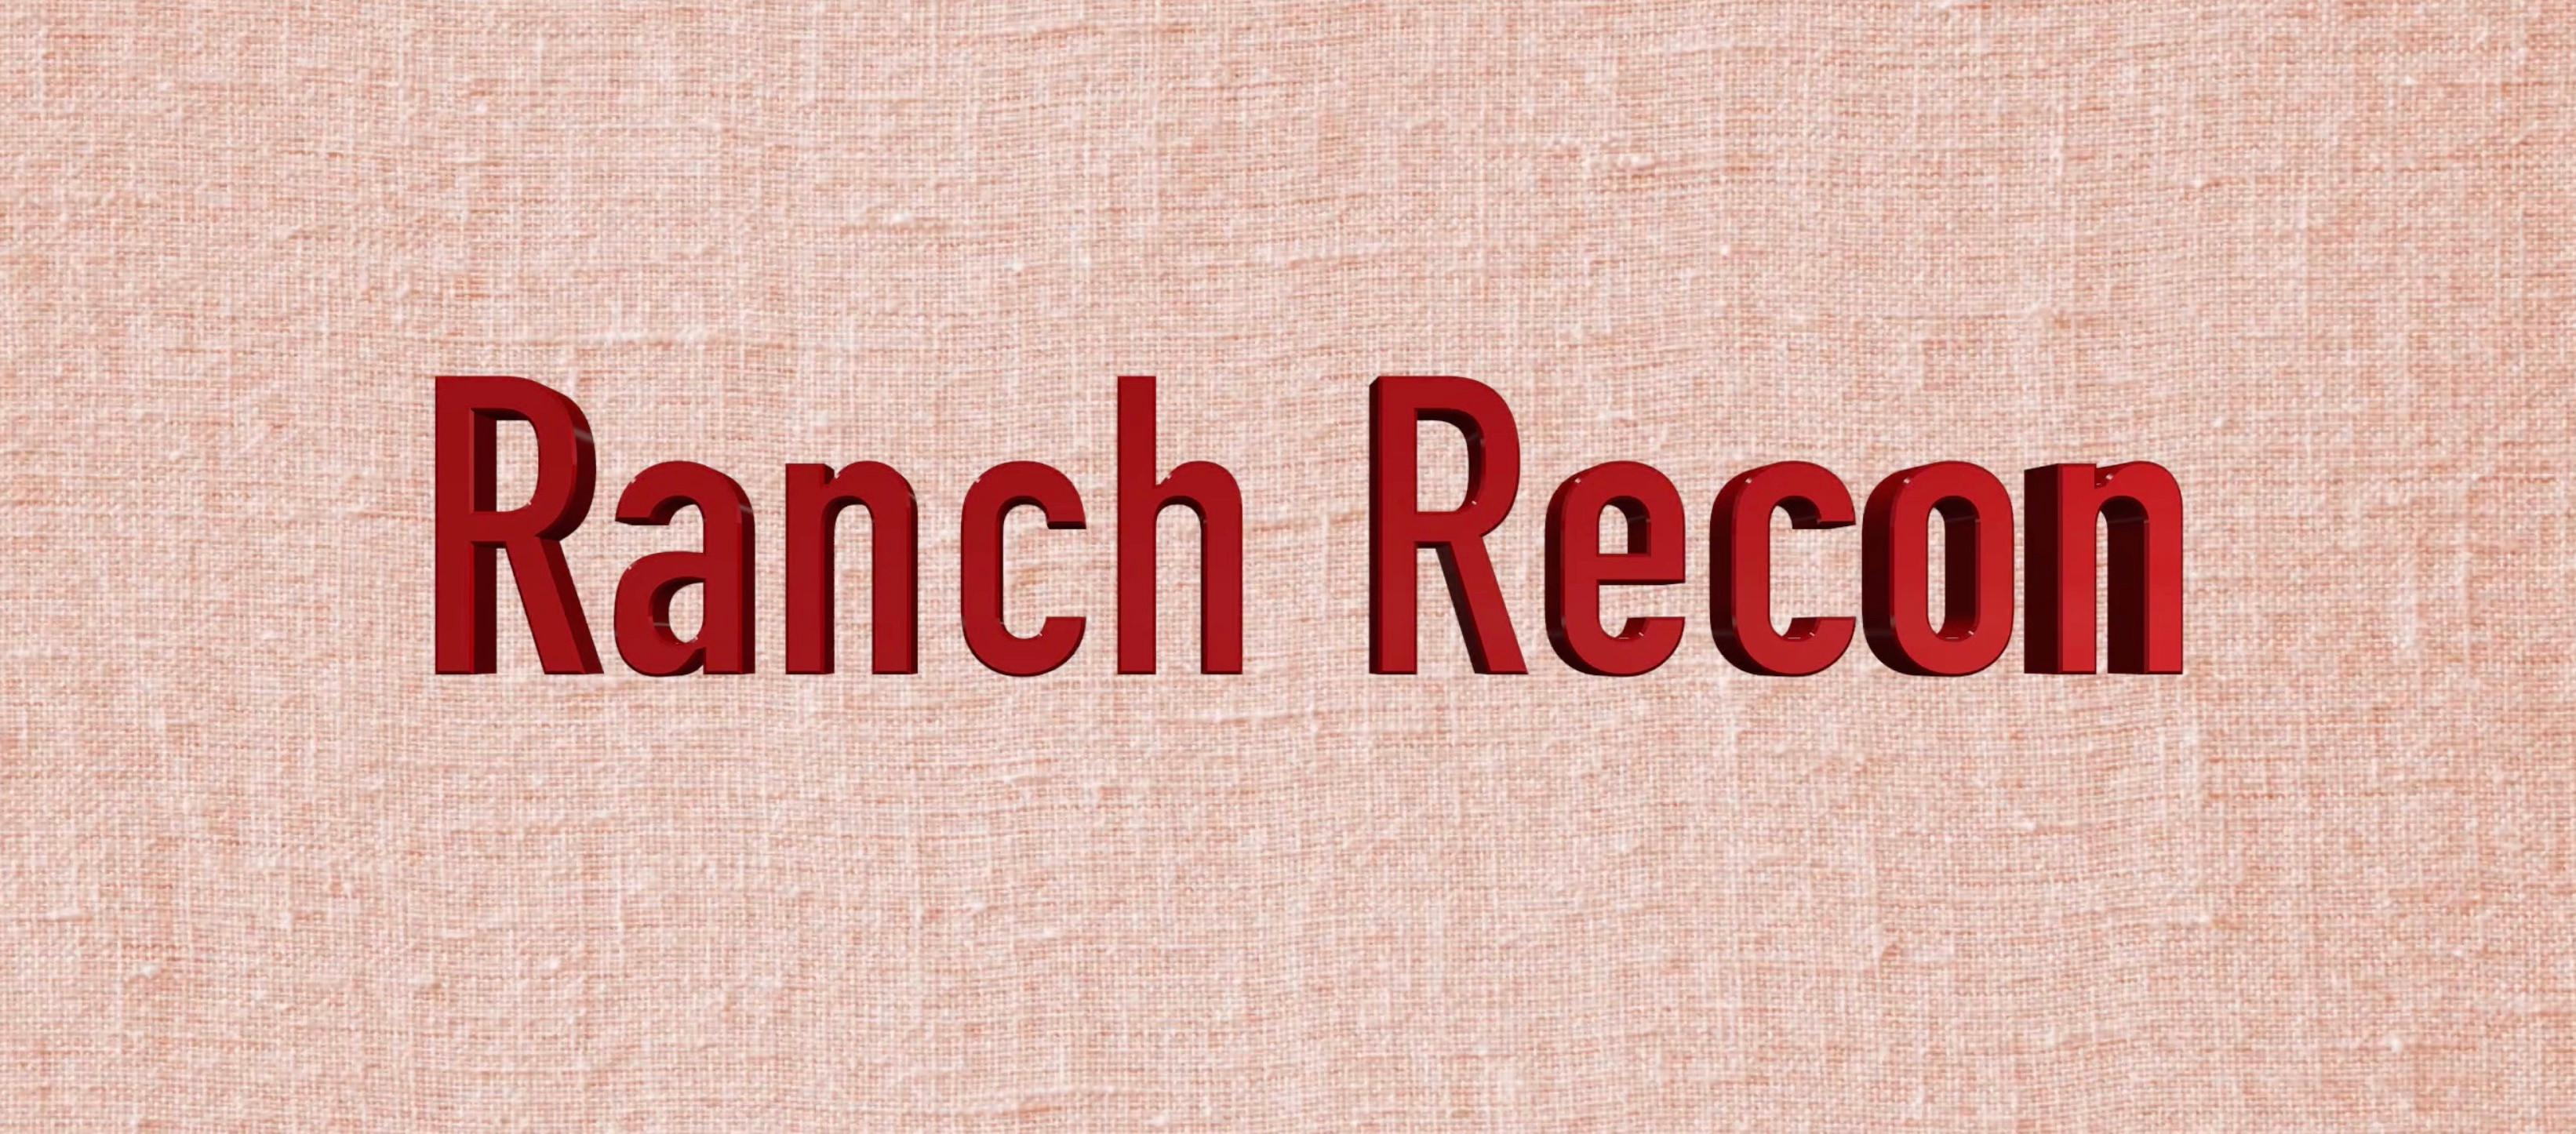 RANCH RECON